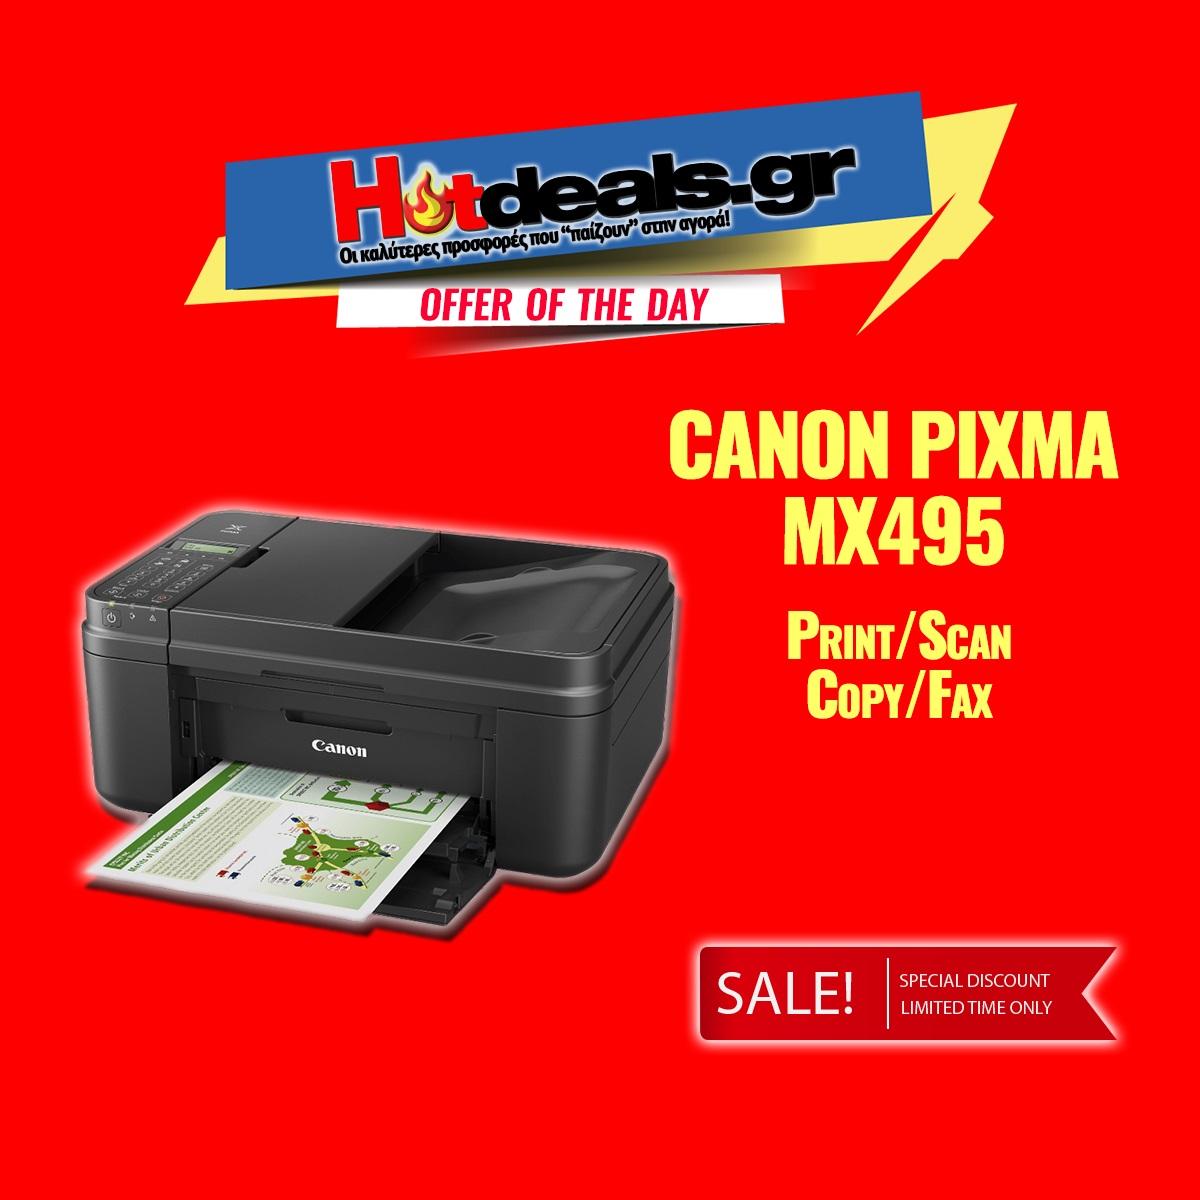 CANON-PIXMA-MX495-ektypotis-polymhxanhma-fax-mediamarkt-pixma-mx-495-canon